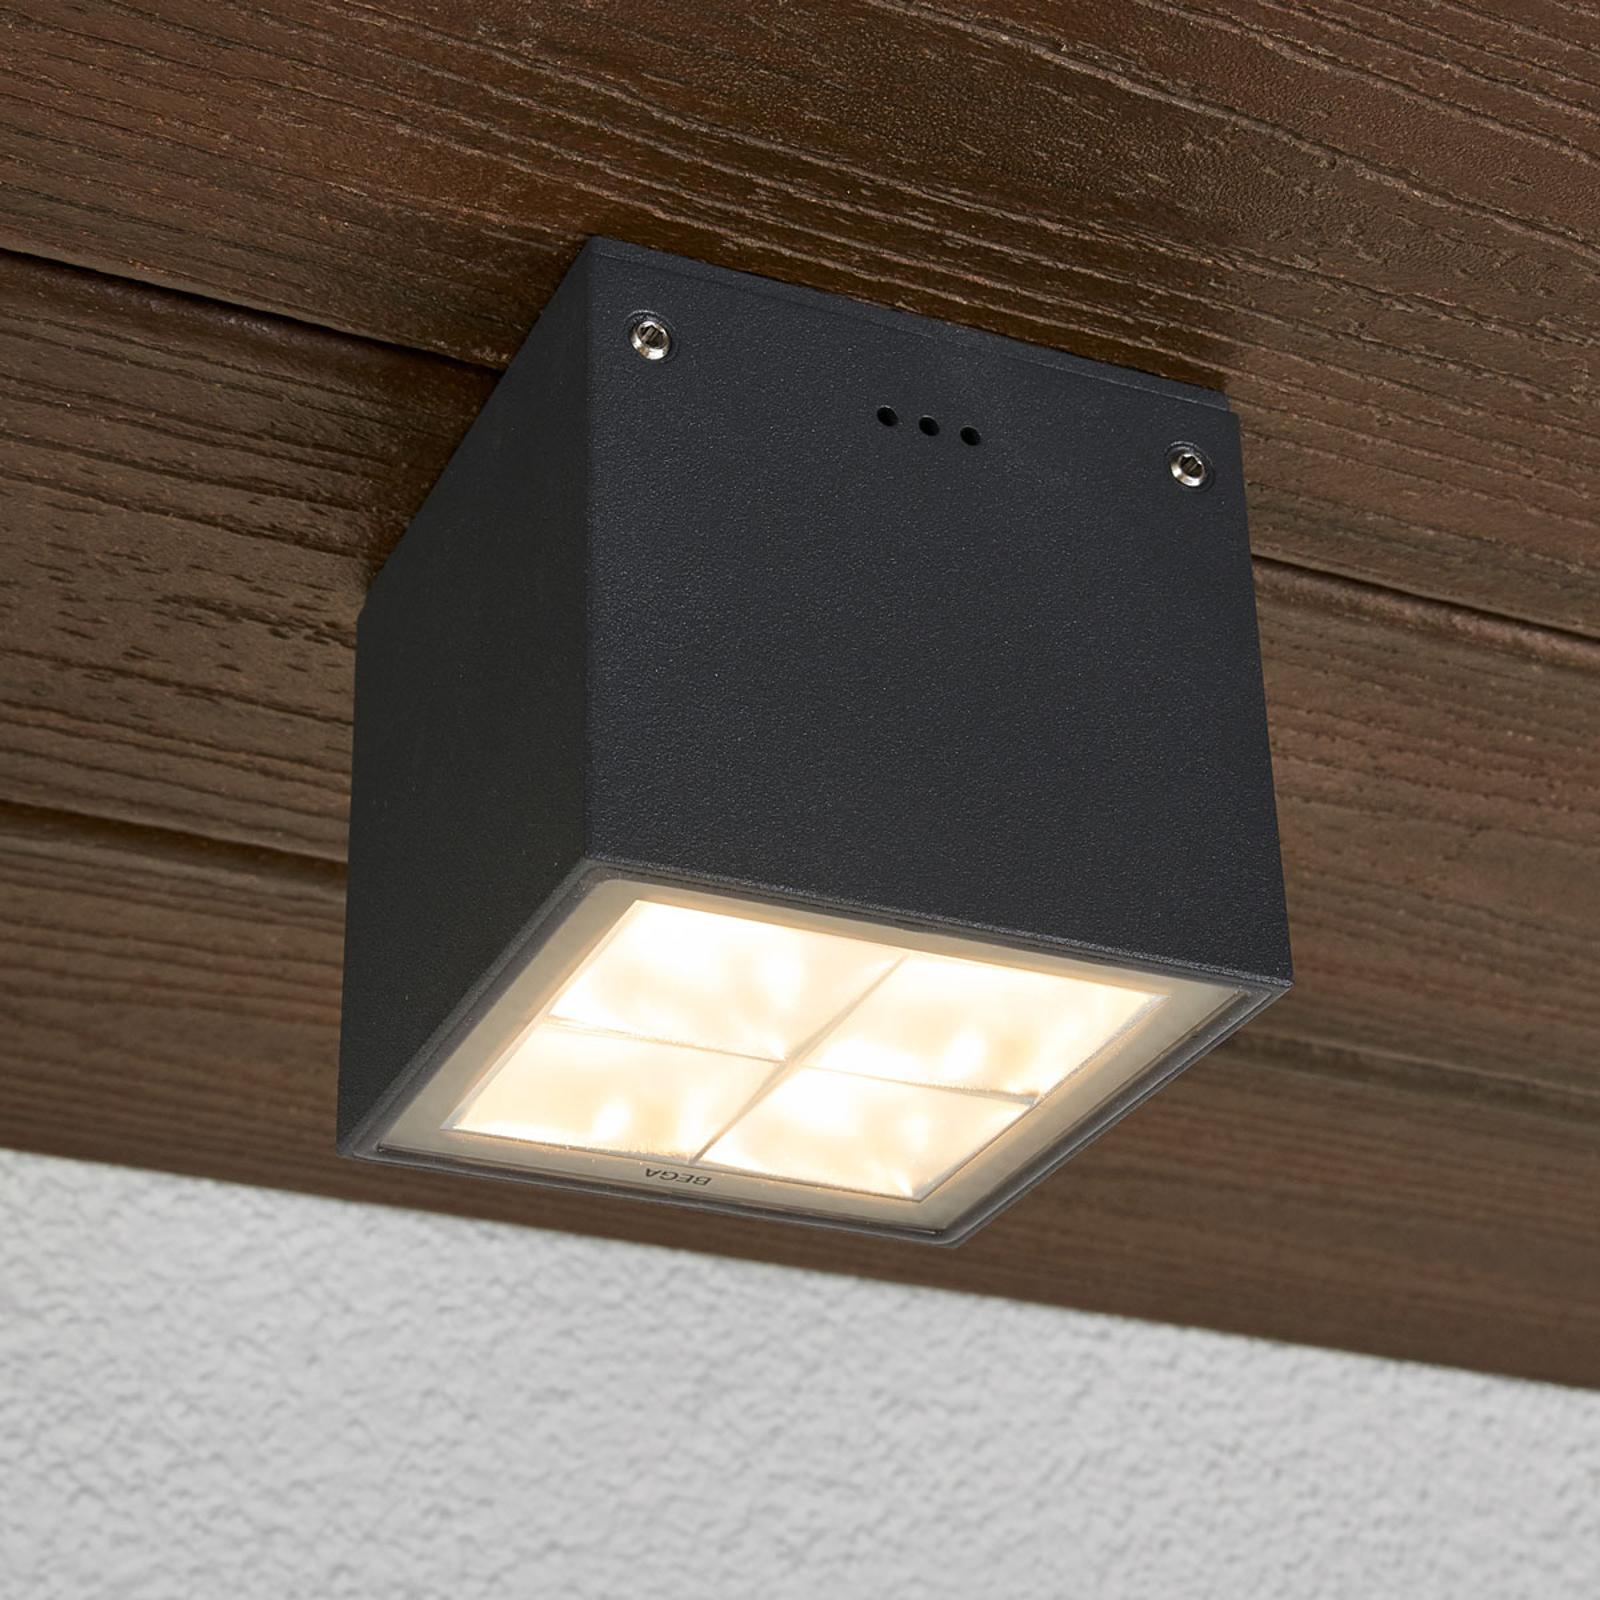 Acquista Plafoniera LED angolare 66157K3, per esterni, IP65